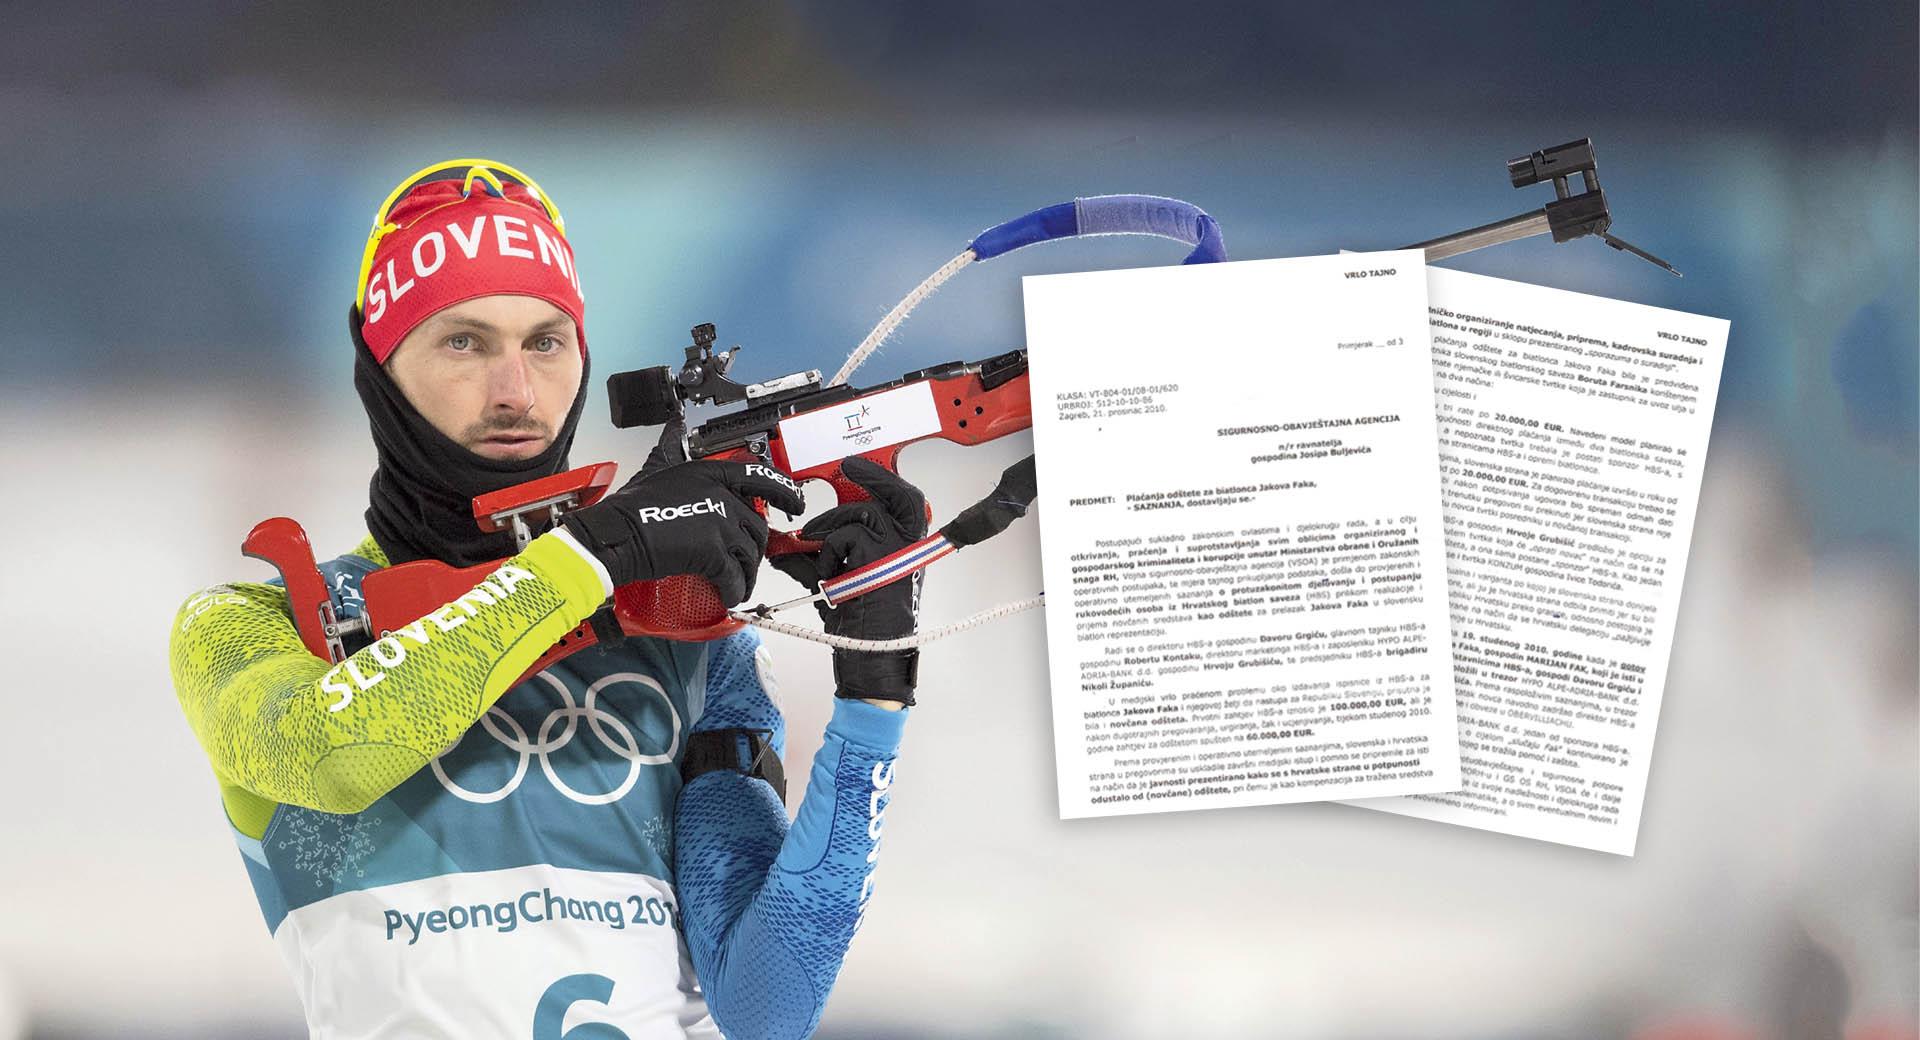 ŠPIJUNSKI DOSJE 60 tisuća eura za prelazak Jakova Faka u Sloveniju